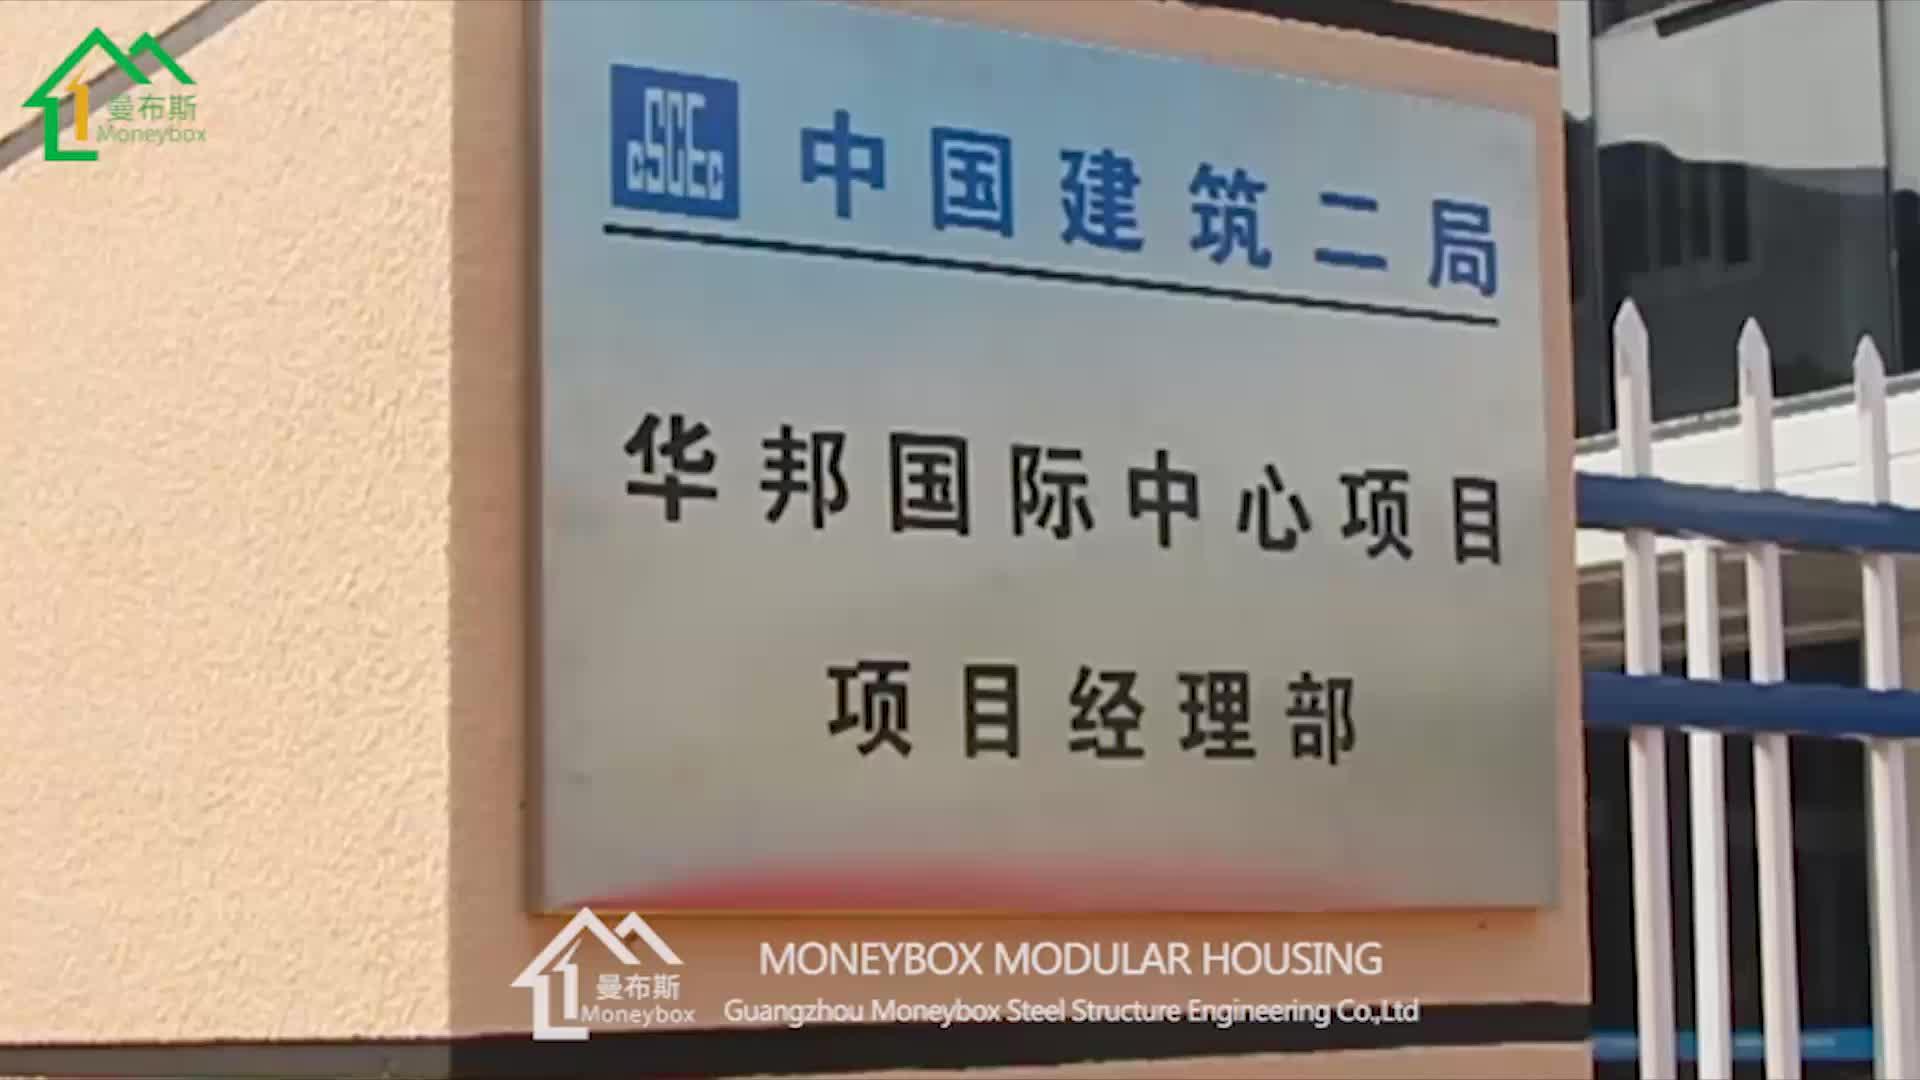 จีนผู้ผลิต quick อาคารแผ่นดินไหว proof modular prefab อาคารโรงเรียน